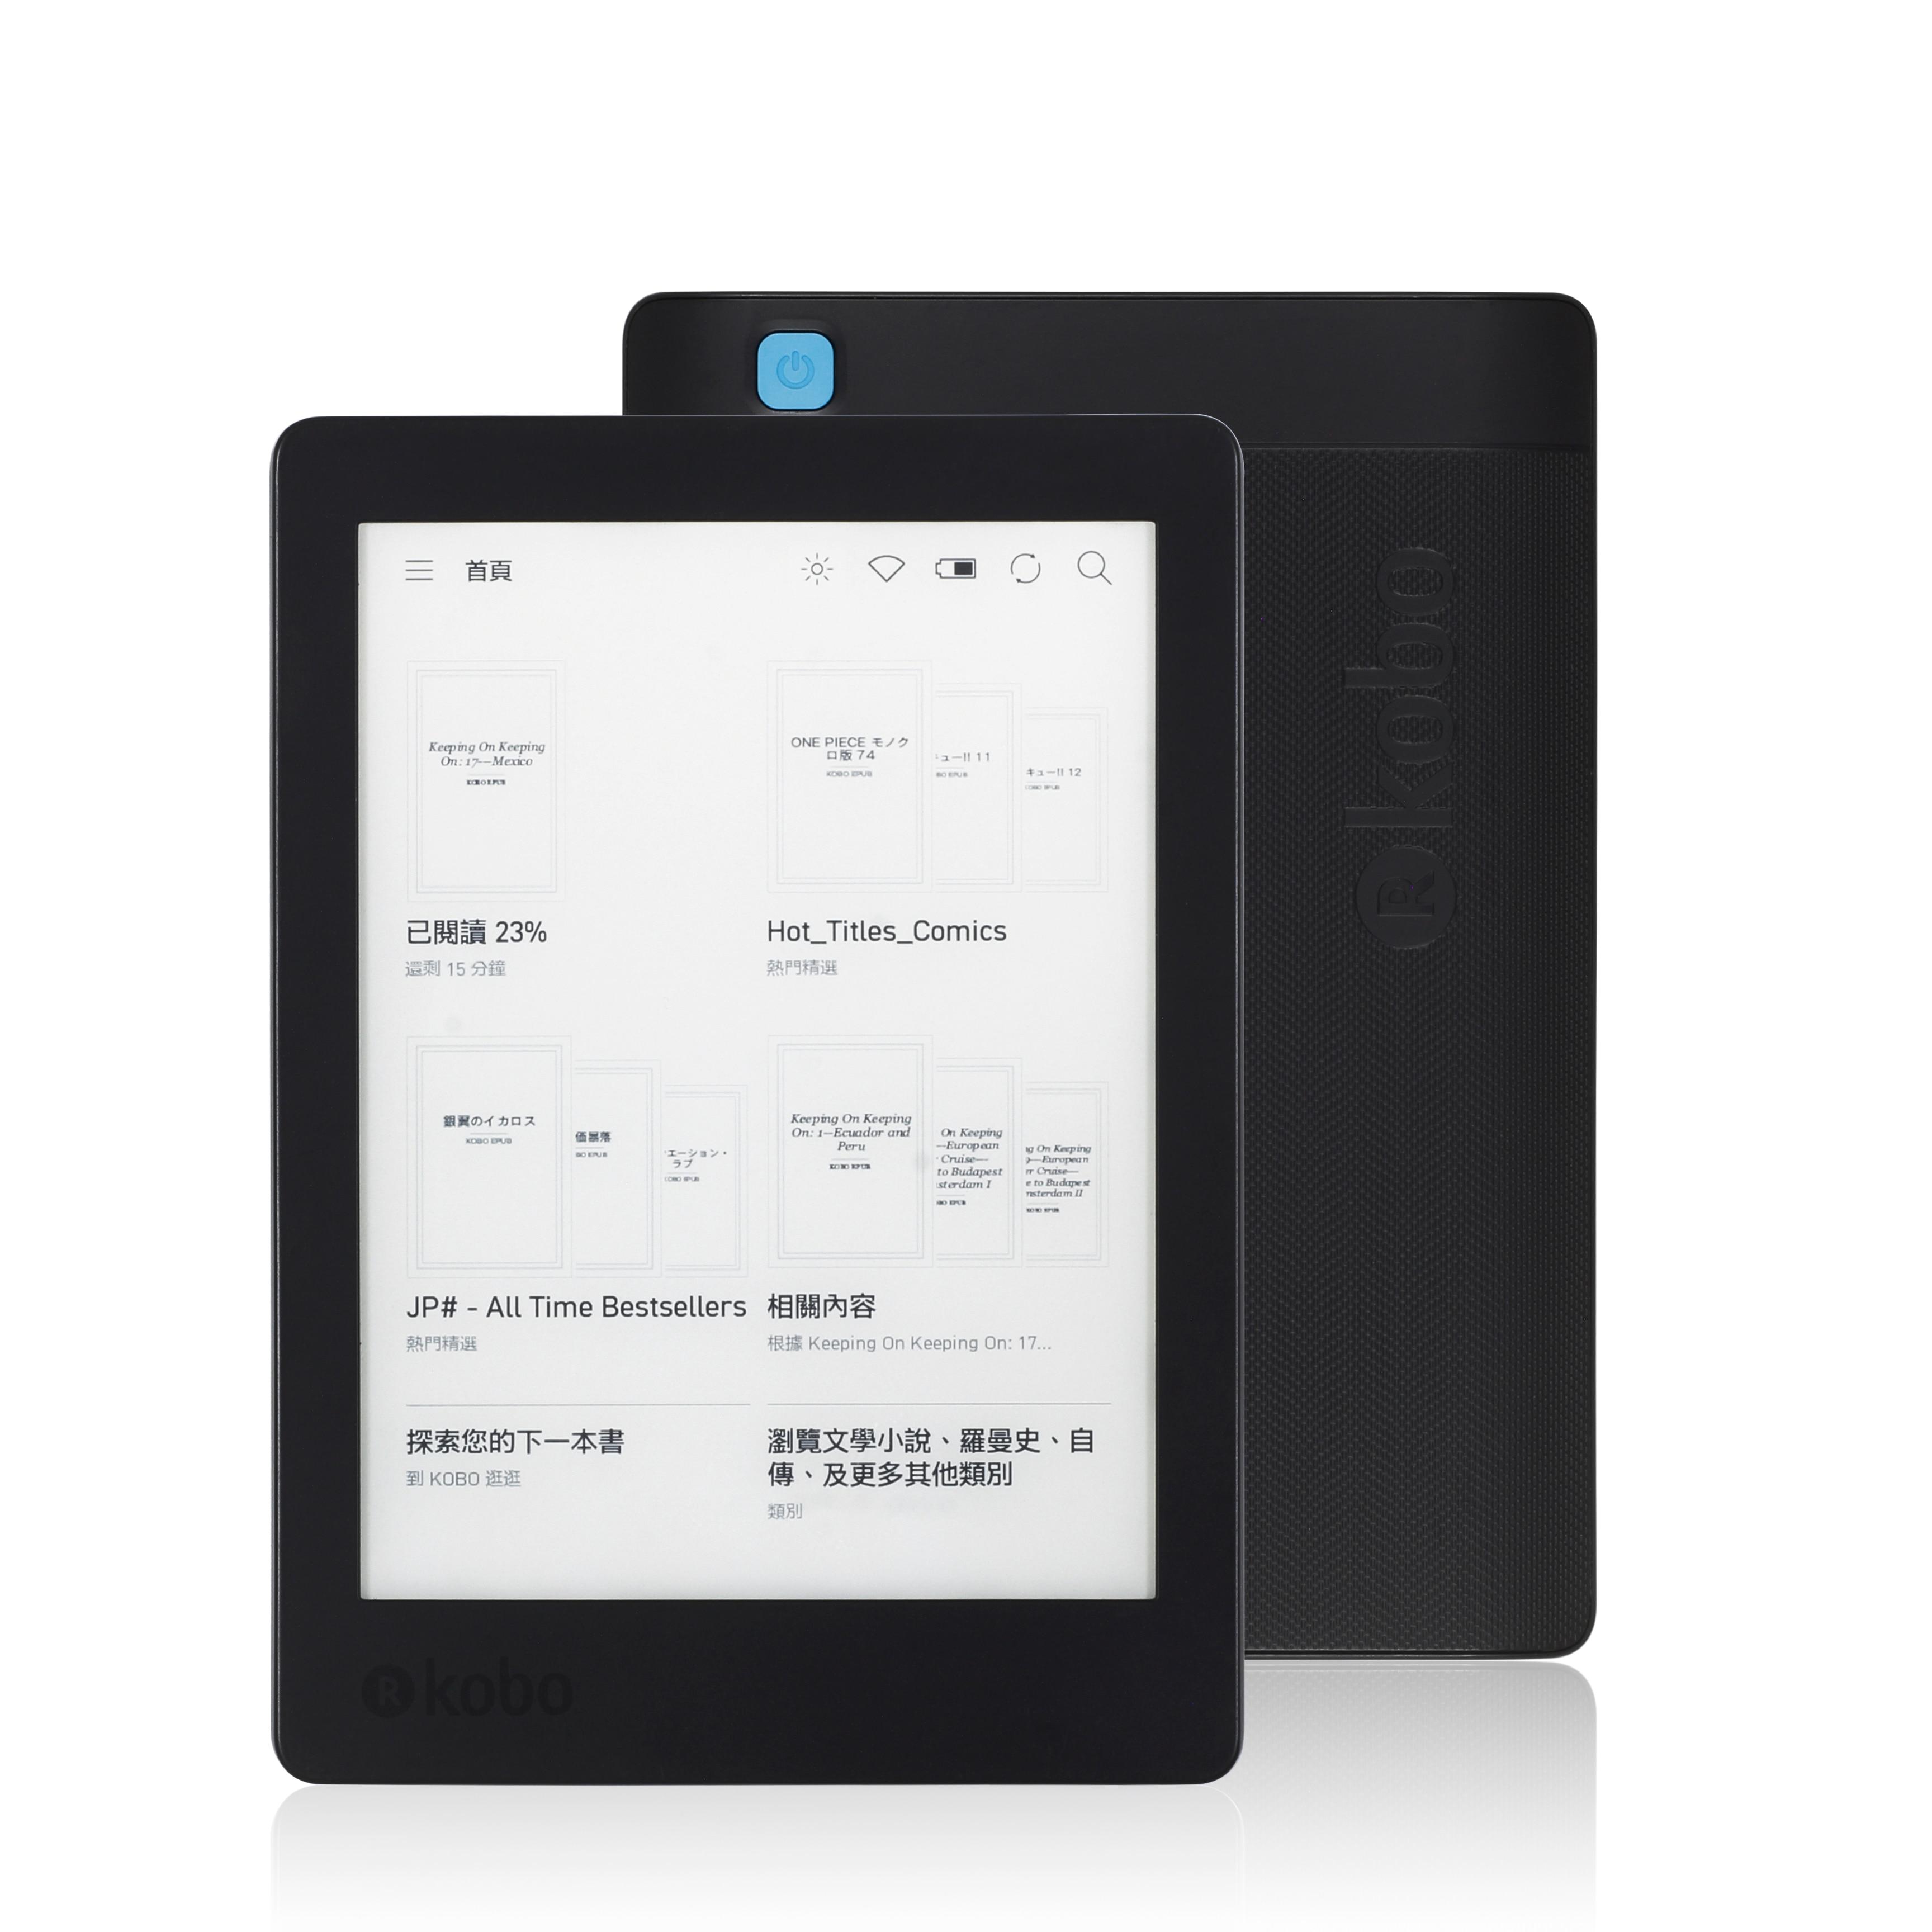 Сенсорный экран для электронной сигареты, 6 дюймов, 1024x768, Kobo Aura Reader Edition N236 светильник кой, 4 Гб, Wi-Fi